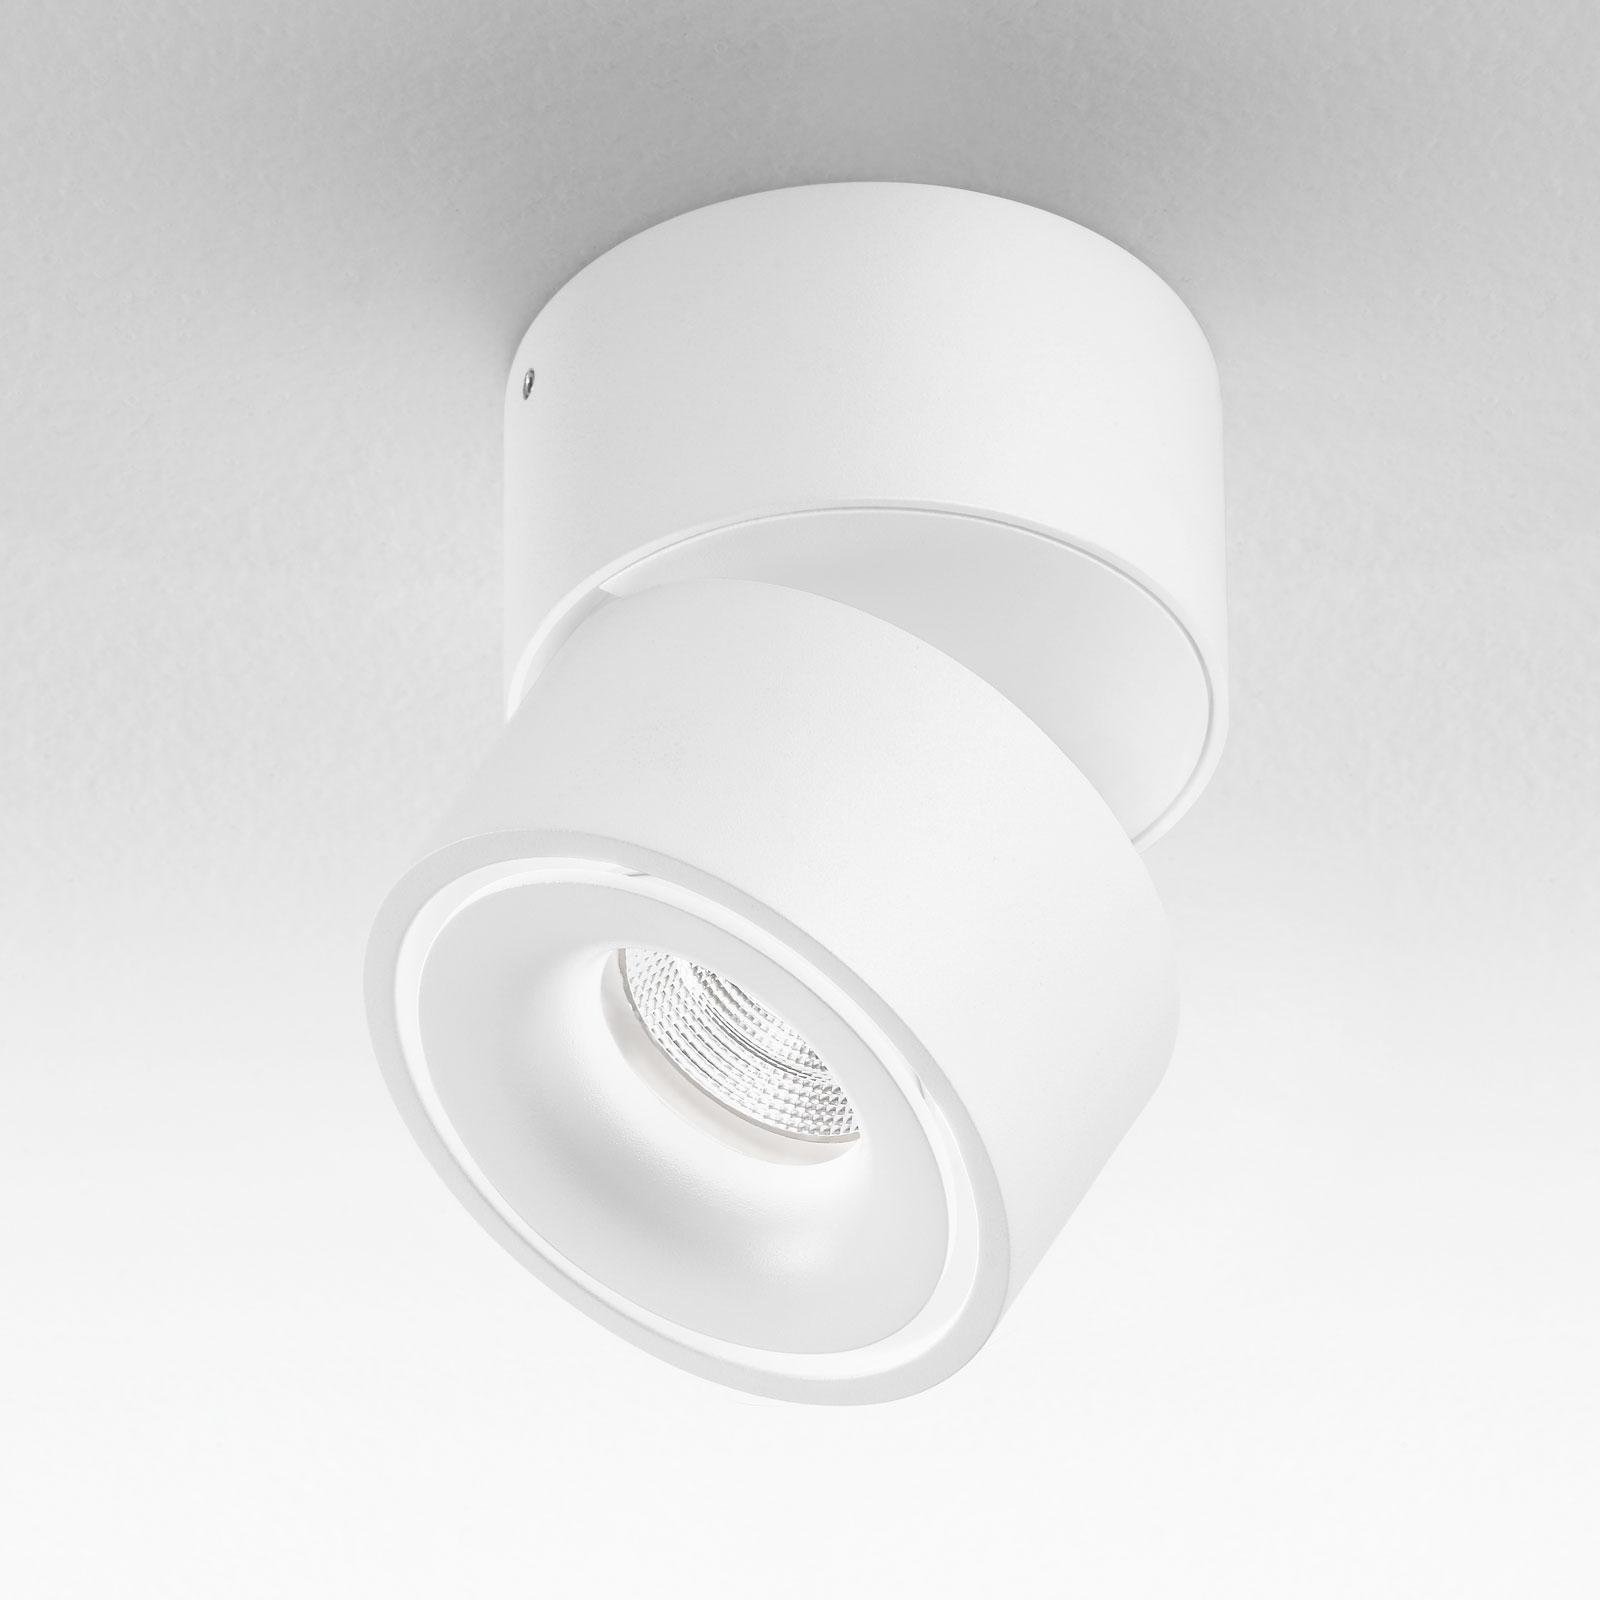 Egger Clippo LED-Deckenspot, weiß, 3.000K